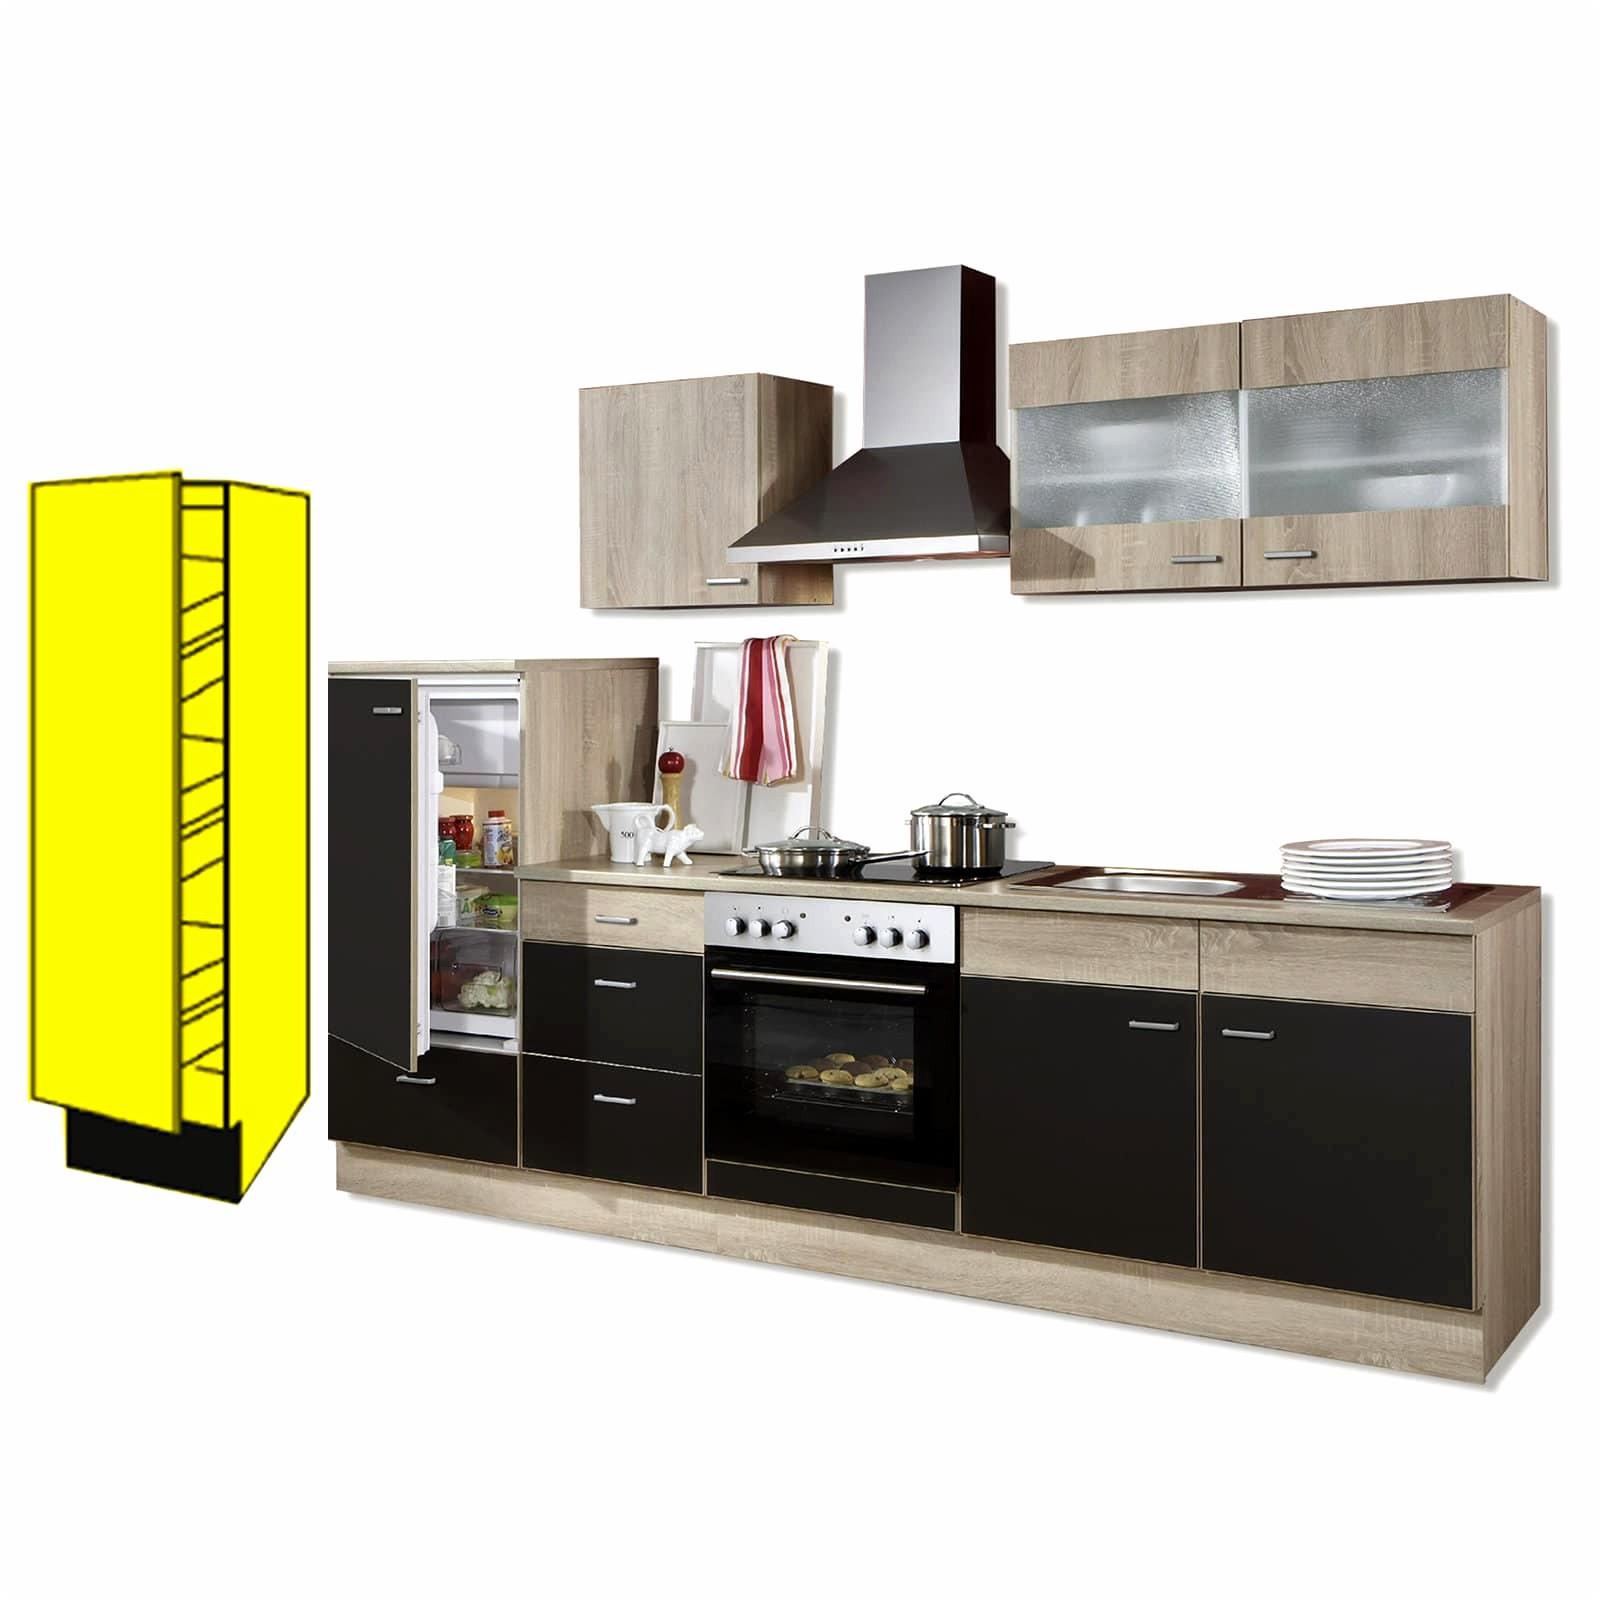 Full Size of Roller Küchen Tedokchen Kommode Tedobest Of Bilder Buche Von Regal Regale Wohnzimmer Roller Küchen